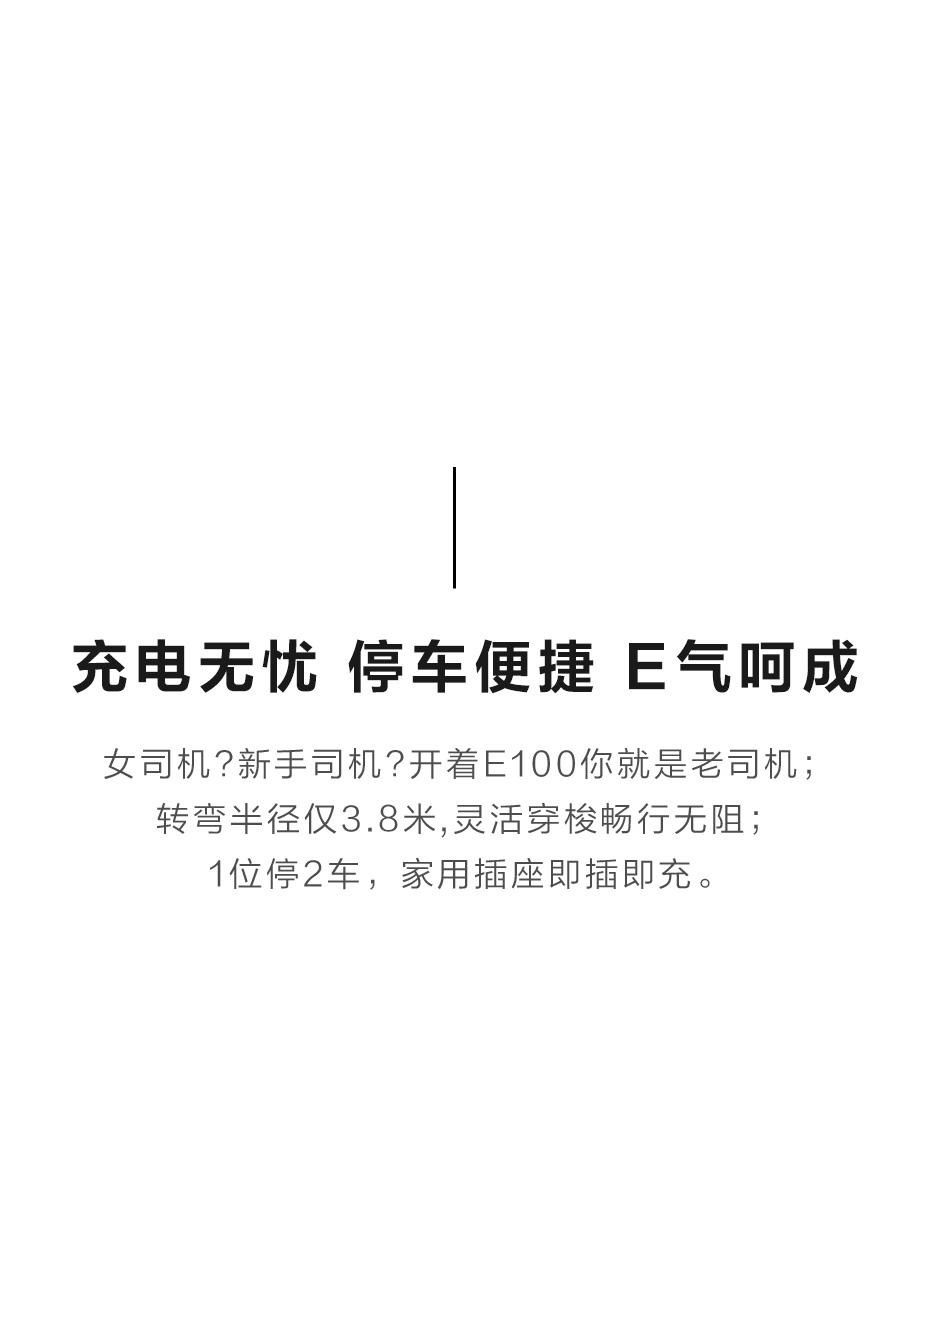 寶駿E100,電(dian)動汽車,新能源車,車身,充電(dian),配置(zhi)參(can)wen)><img   src=